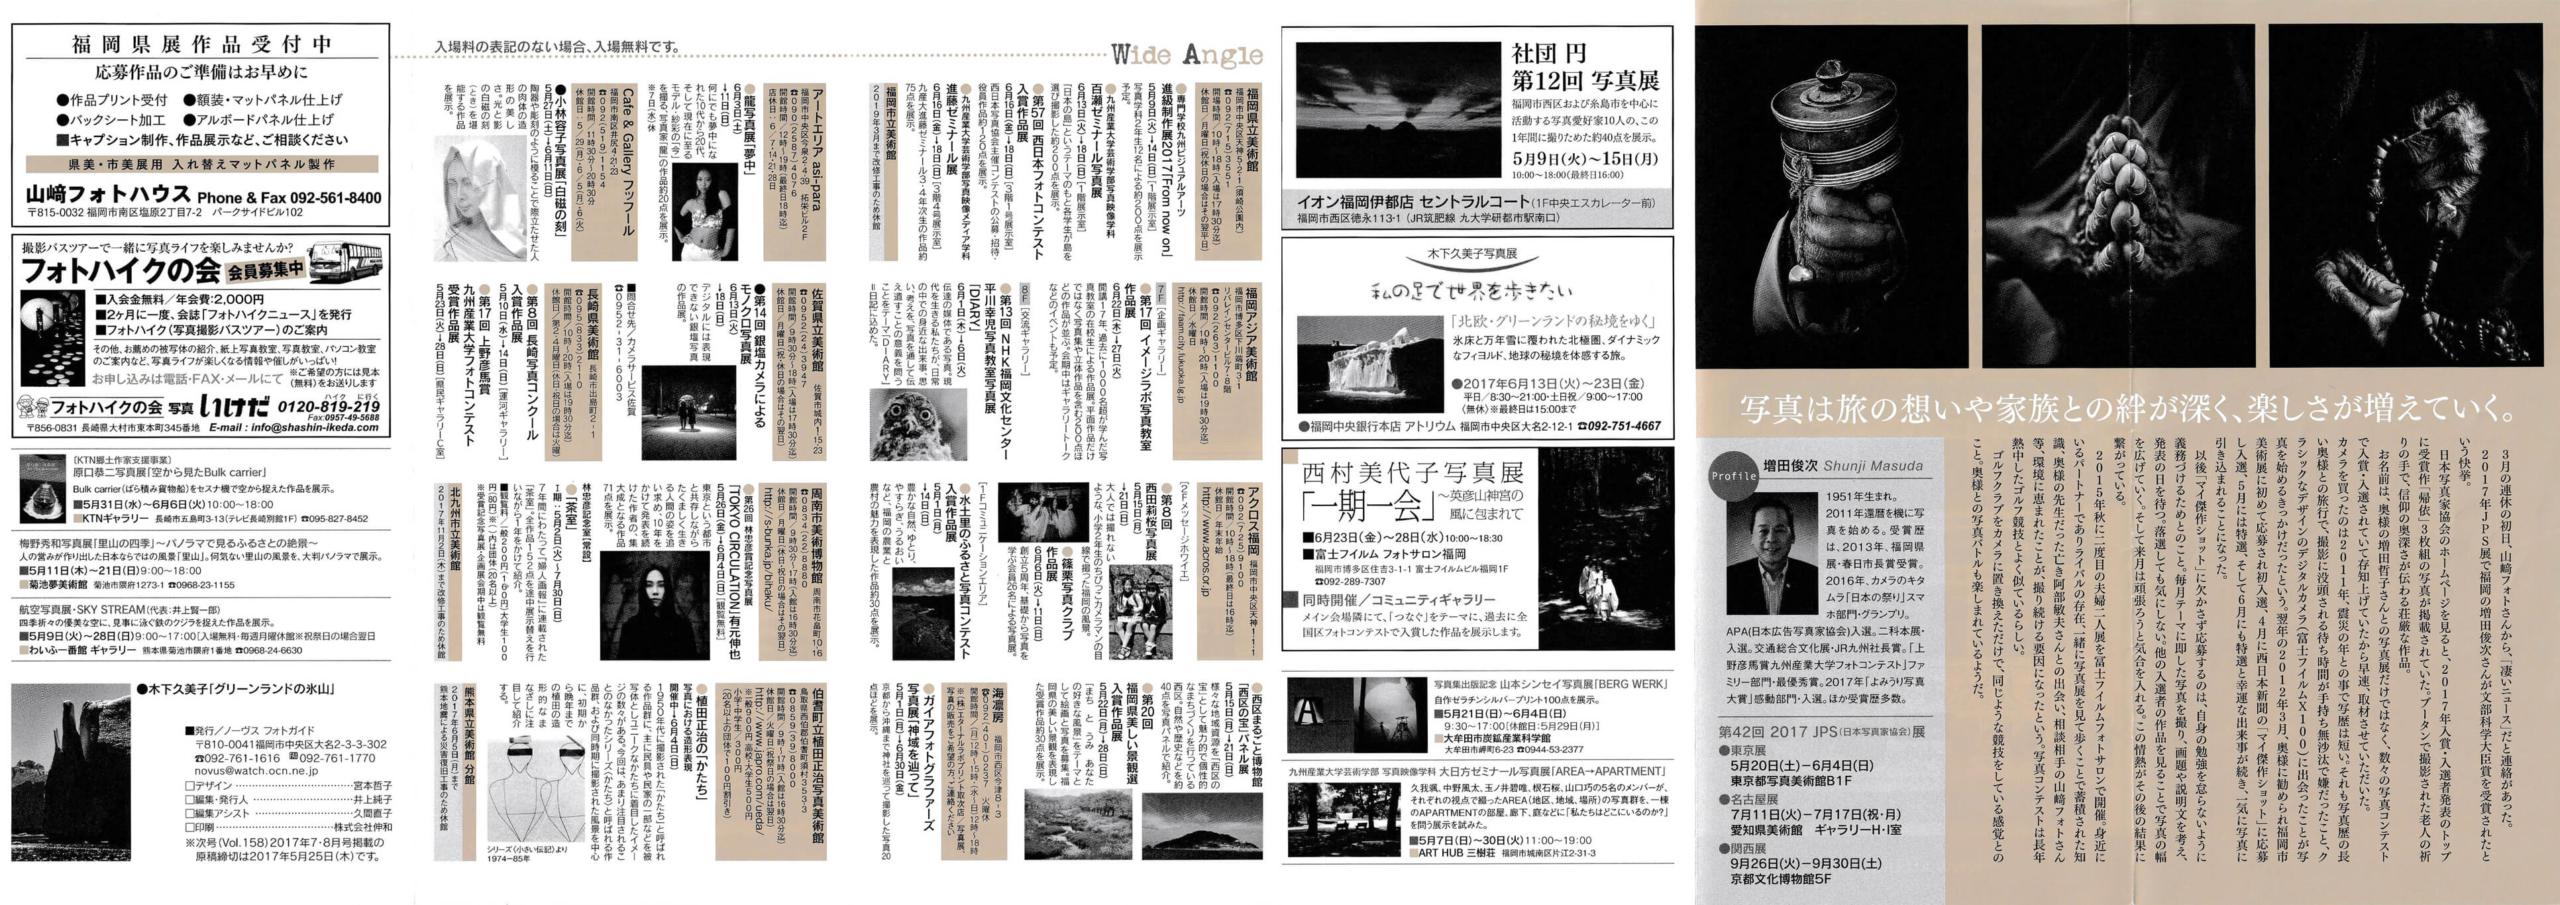 フォトガイドふくおか|アーカイブ|vol157